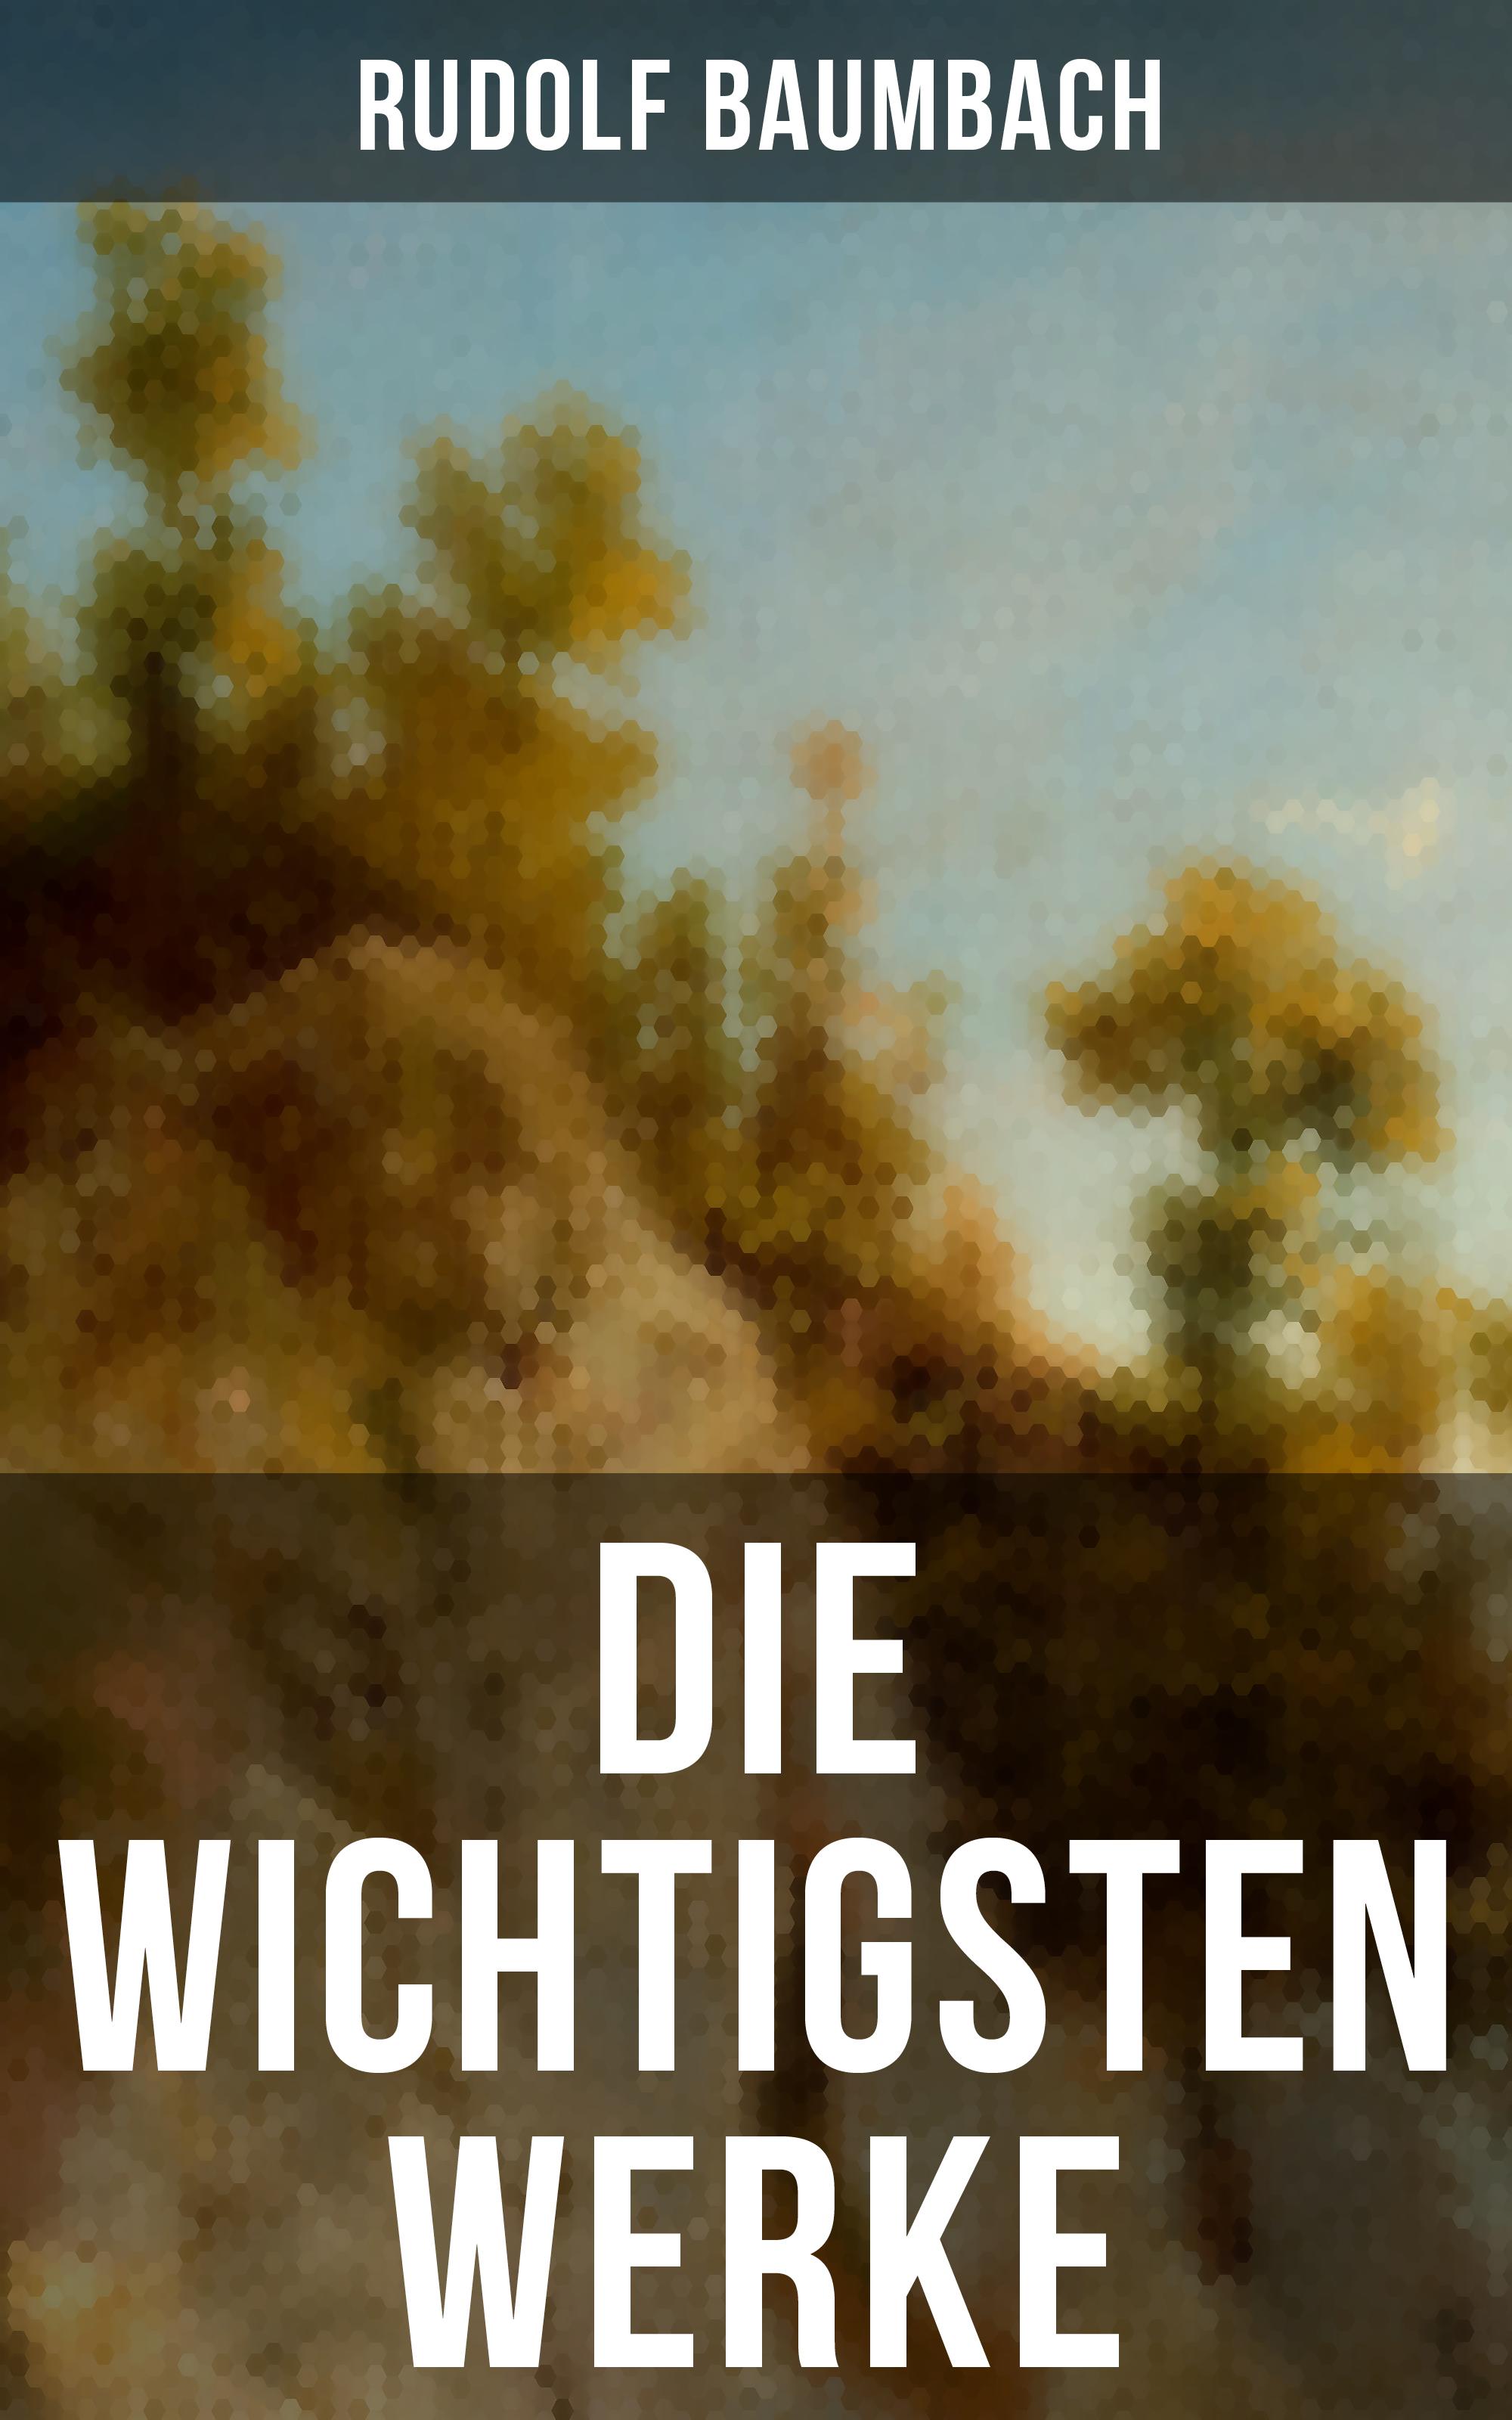 Rudolf Baumbach Die wichtigsten Werke von Rudolf Baumbach